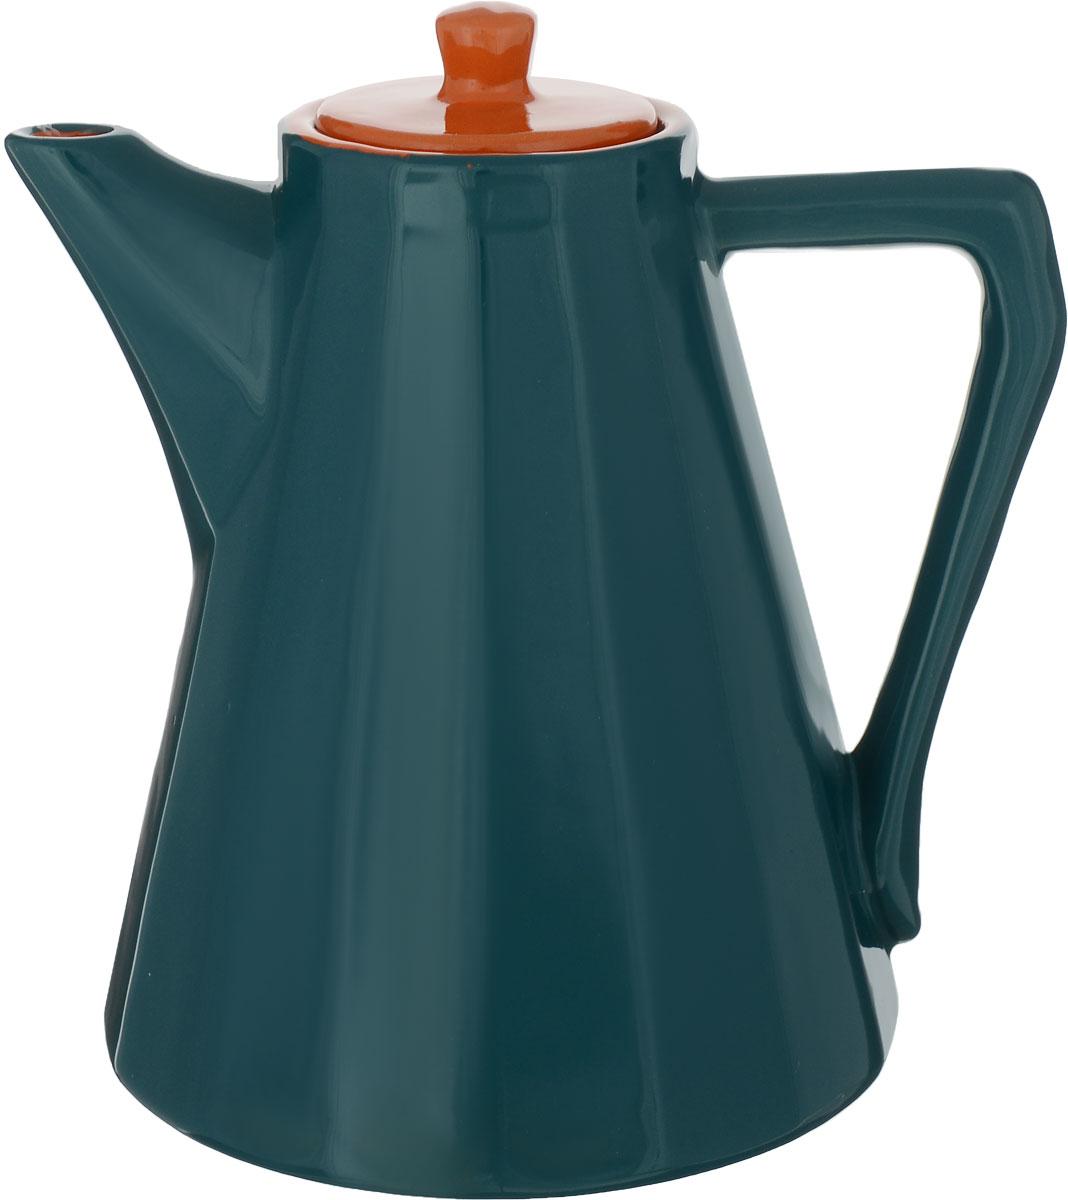 """Керамический кофейник Борисовская керамика """"Ностальгия"""" отлично сохраняет тепло. В таком кофейнике кофе долго остается горячим и можно продолжать беседу за чашечкой кофе не прерываясь."""